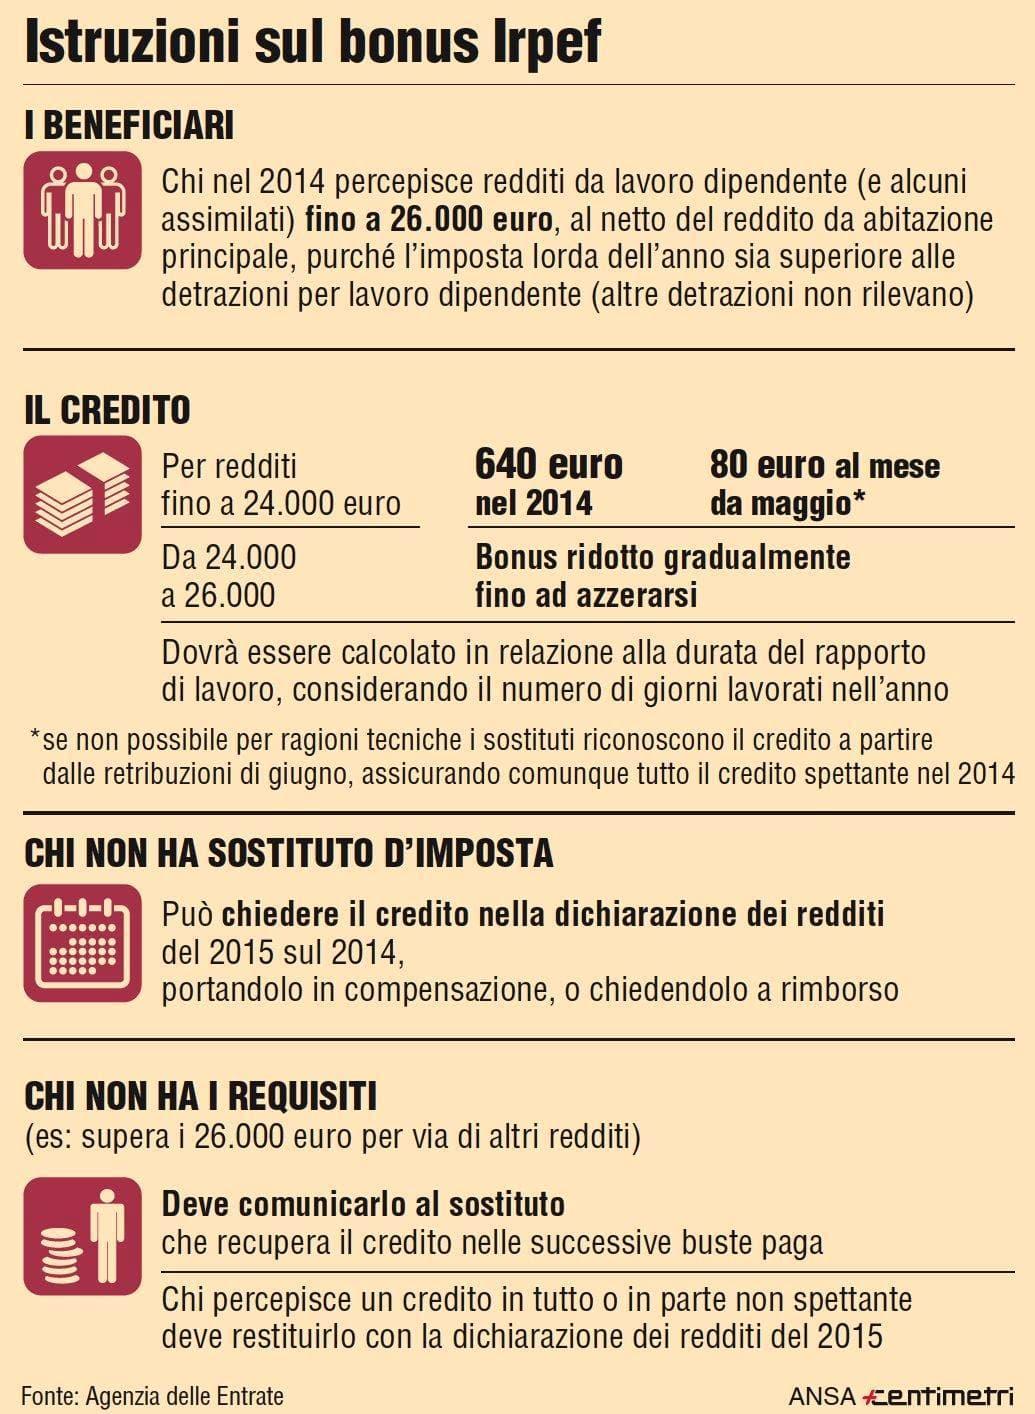 bonus 80 euro renzi infografica ansa-2